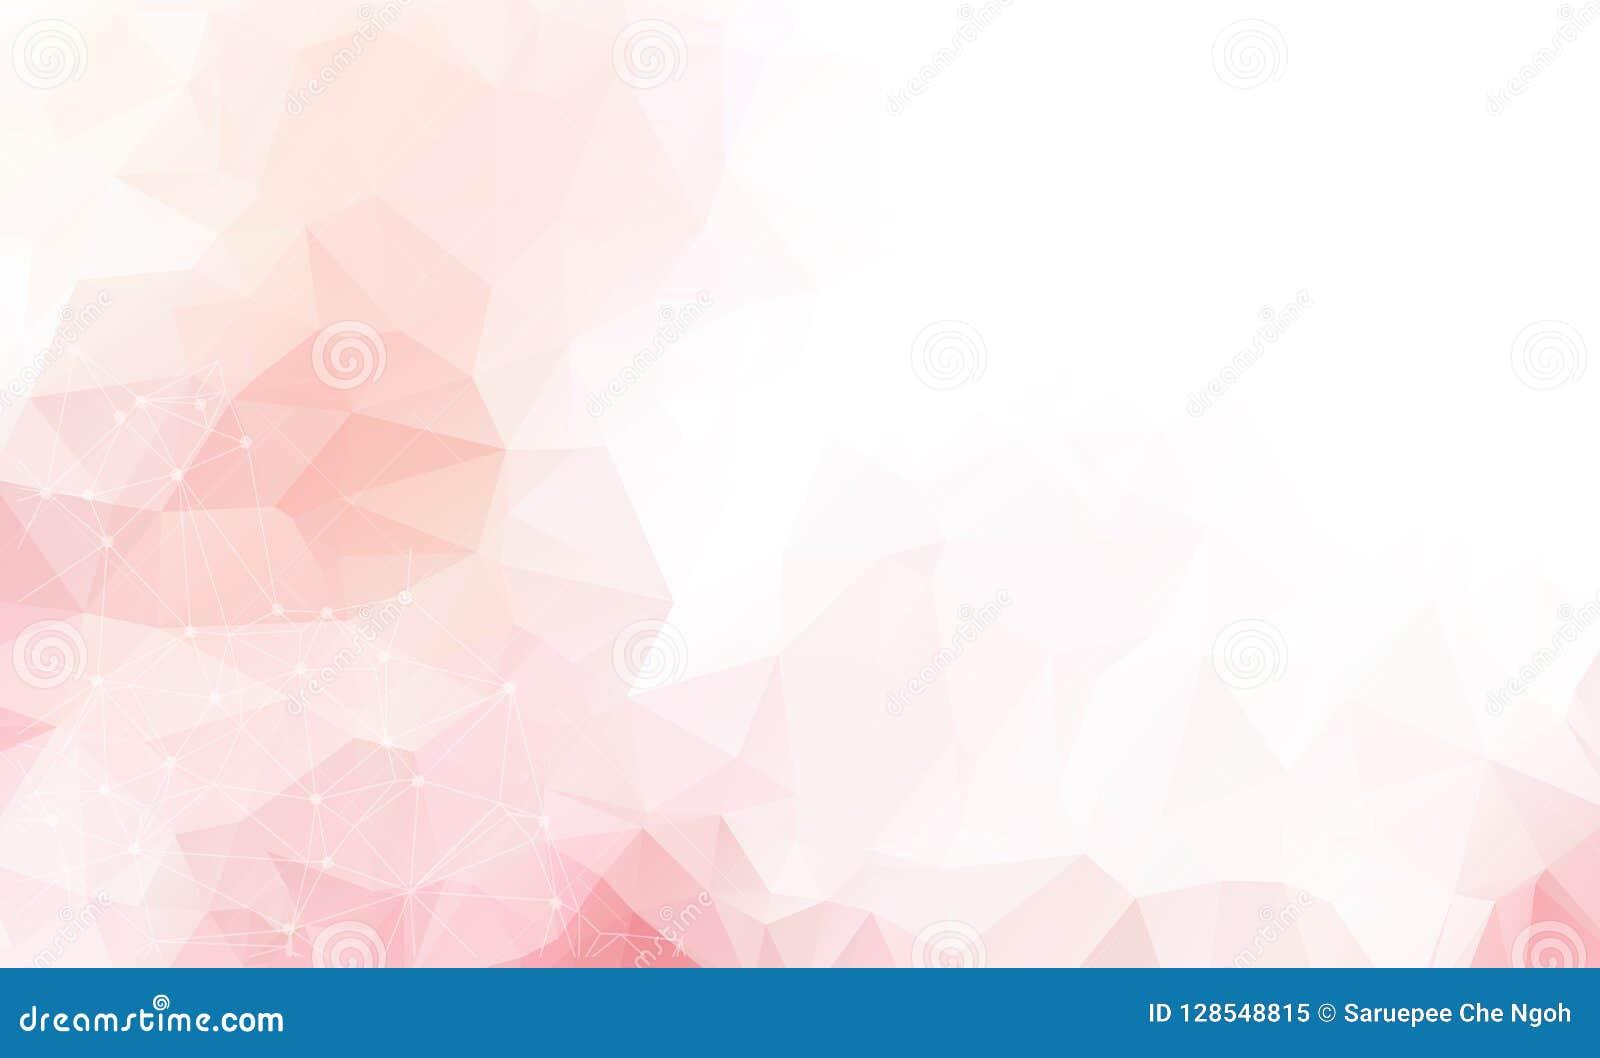 Hellrosa Vektorhintergrund mit Punkten und Linien Abstrakte Illustration mit bunten Disketten und Dreiecken Schönes Design für yo